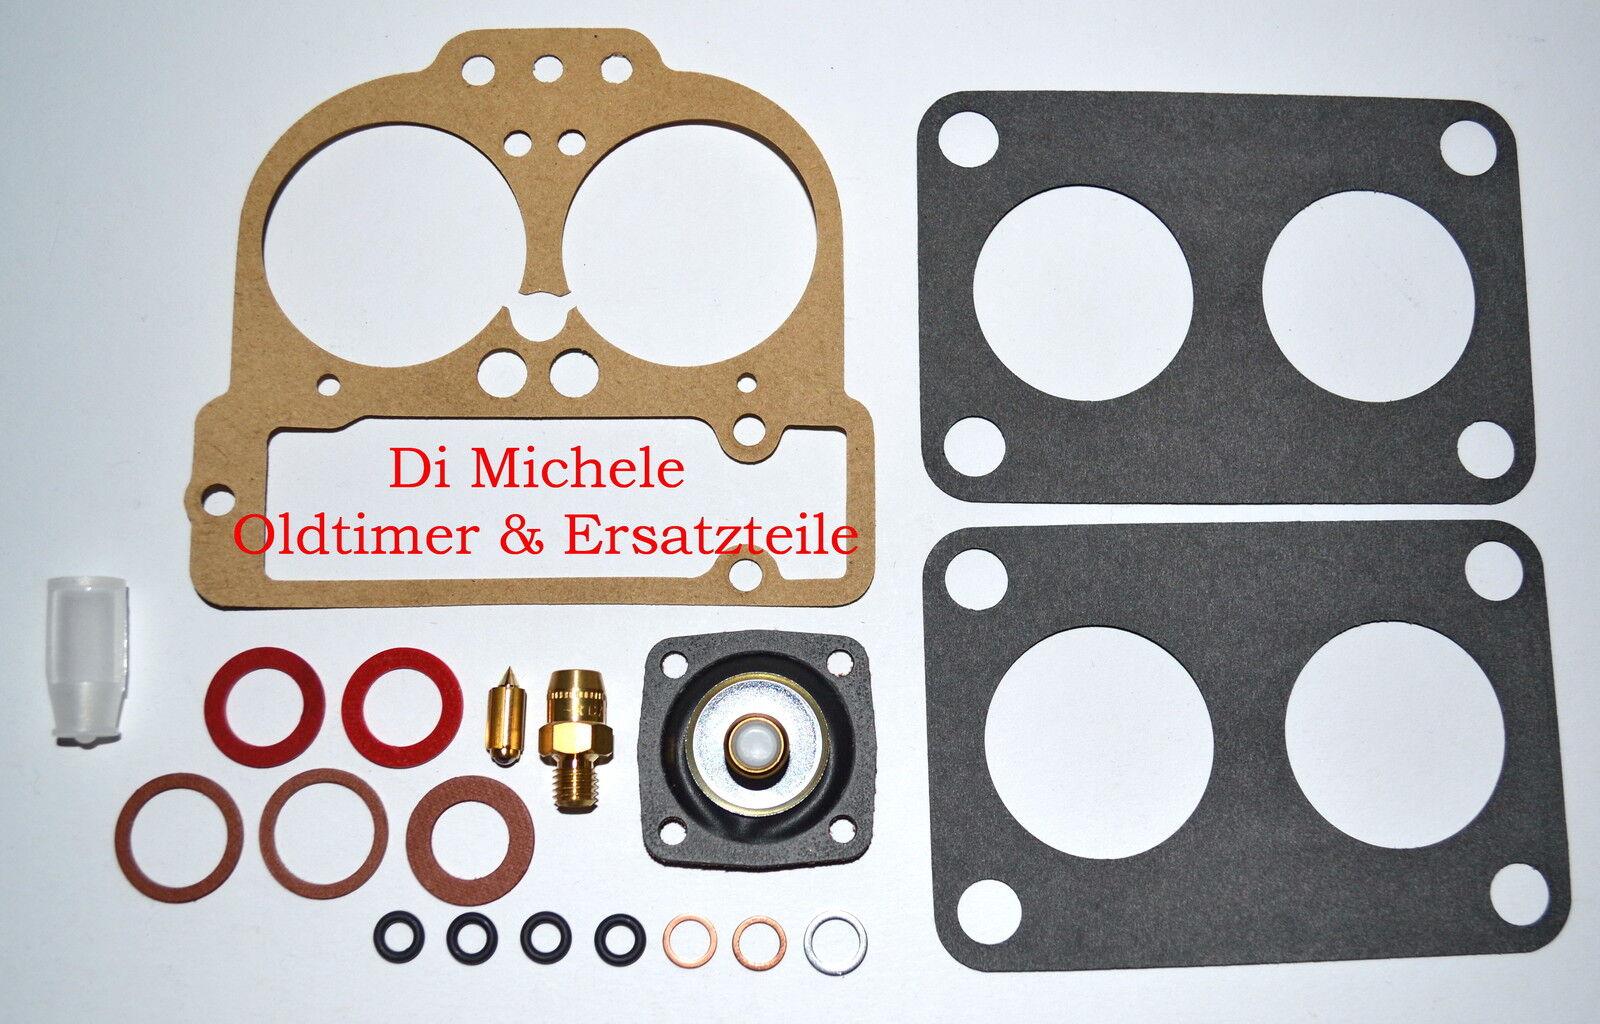 sport dello shopping online 36 36 36 DCNF , 36 profi-reparatur-kit per carburatore Weber, KIT RIPARAZIONE  godendo i tuoi acquisti